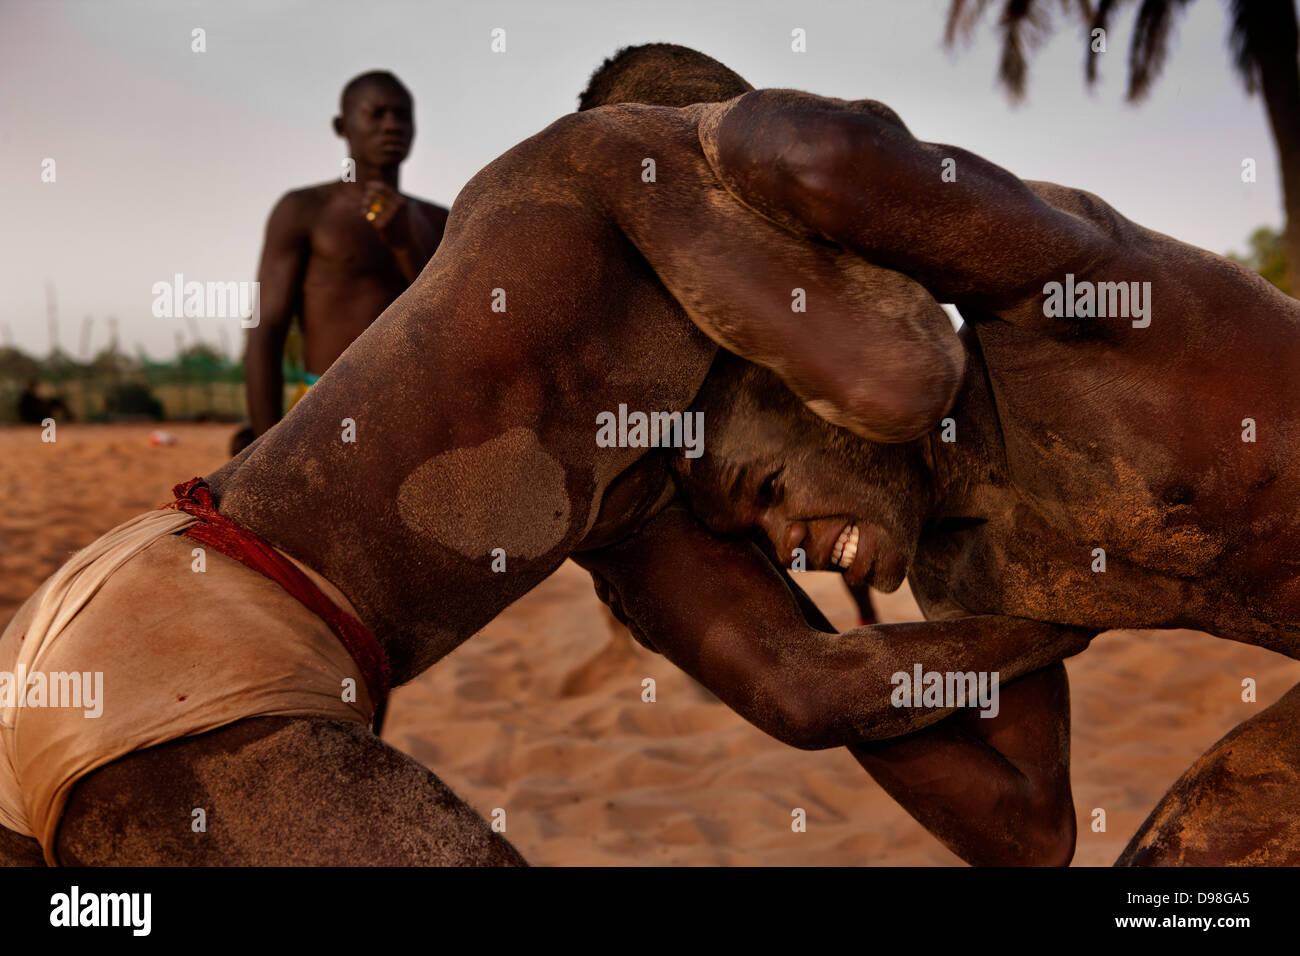 La lutte traditionnelle sénégalaise, Dionewar Sénégal Photo Stock